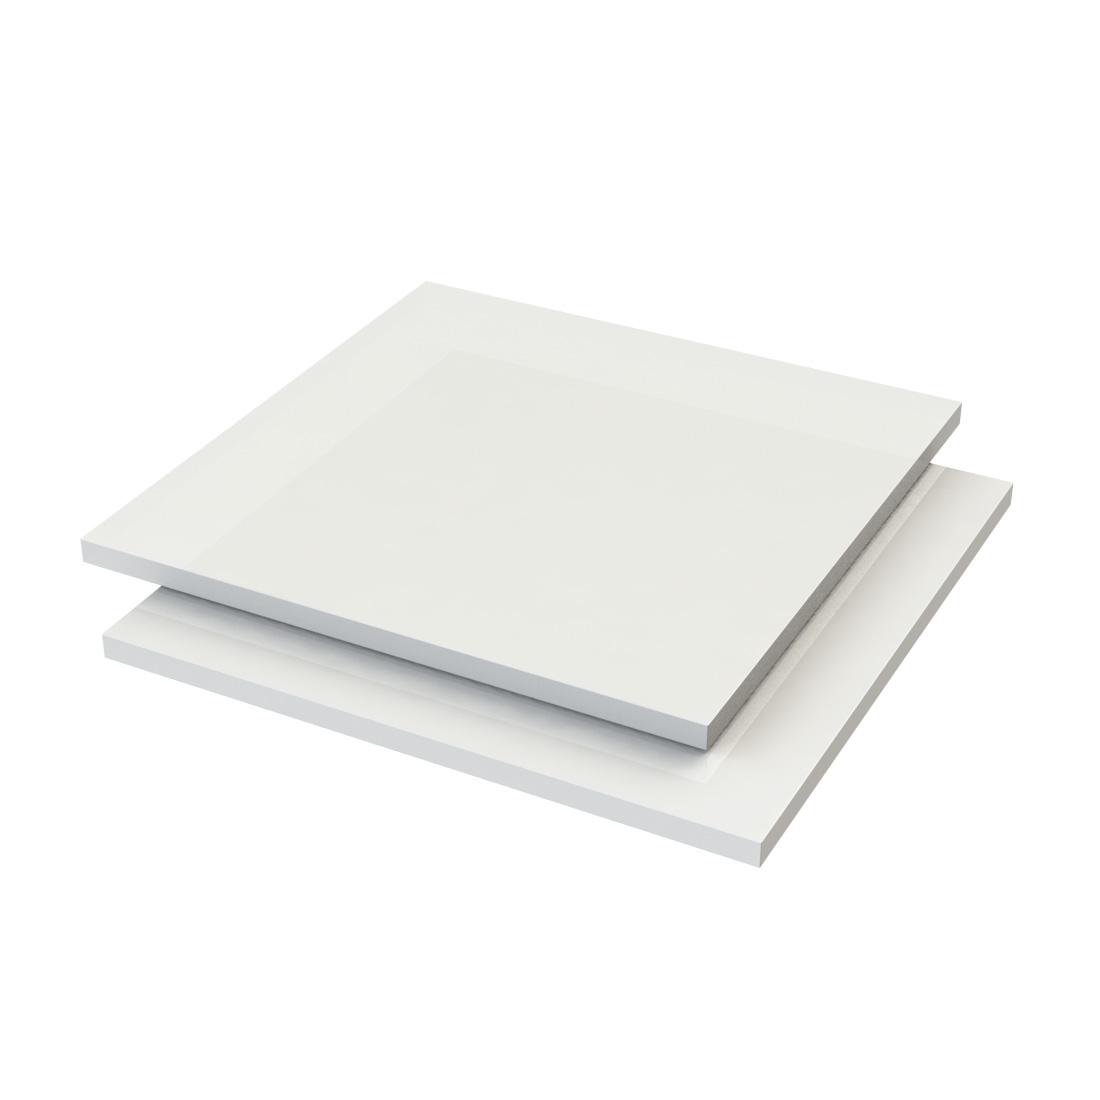 Altuglas PMMA Plaat Gegoten Opaal 101 27021 LT12% 3050x2030x10mm